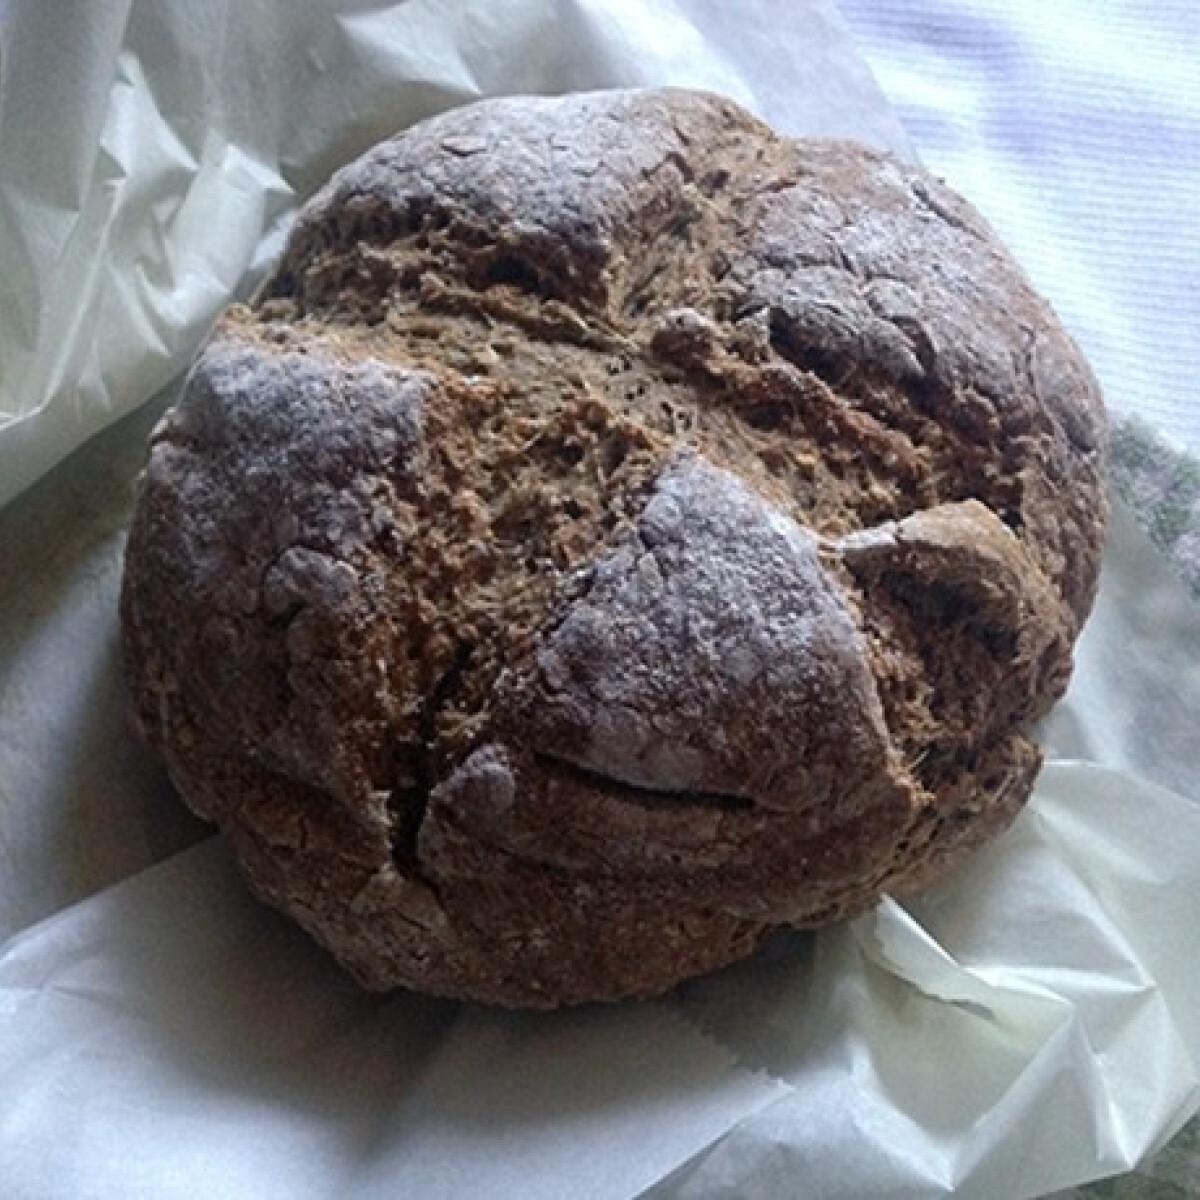 Ezen a képen: Ír szódás kenyér Róka a fazékban konyhájából